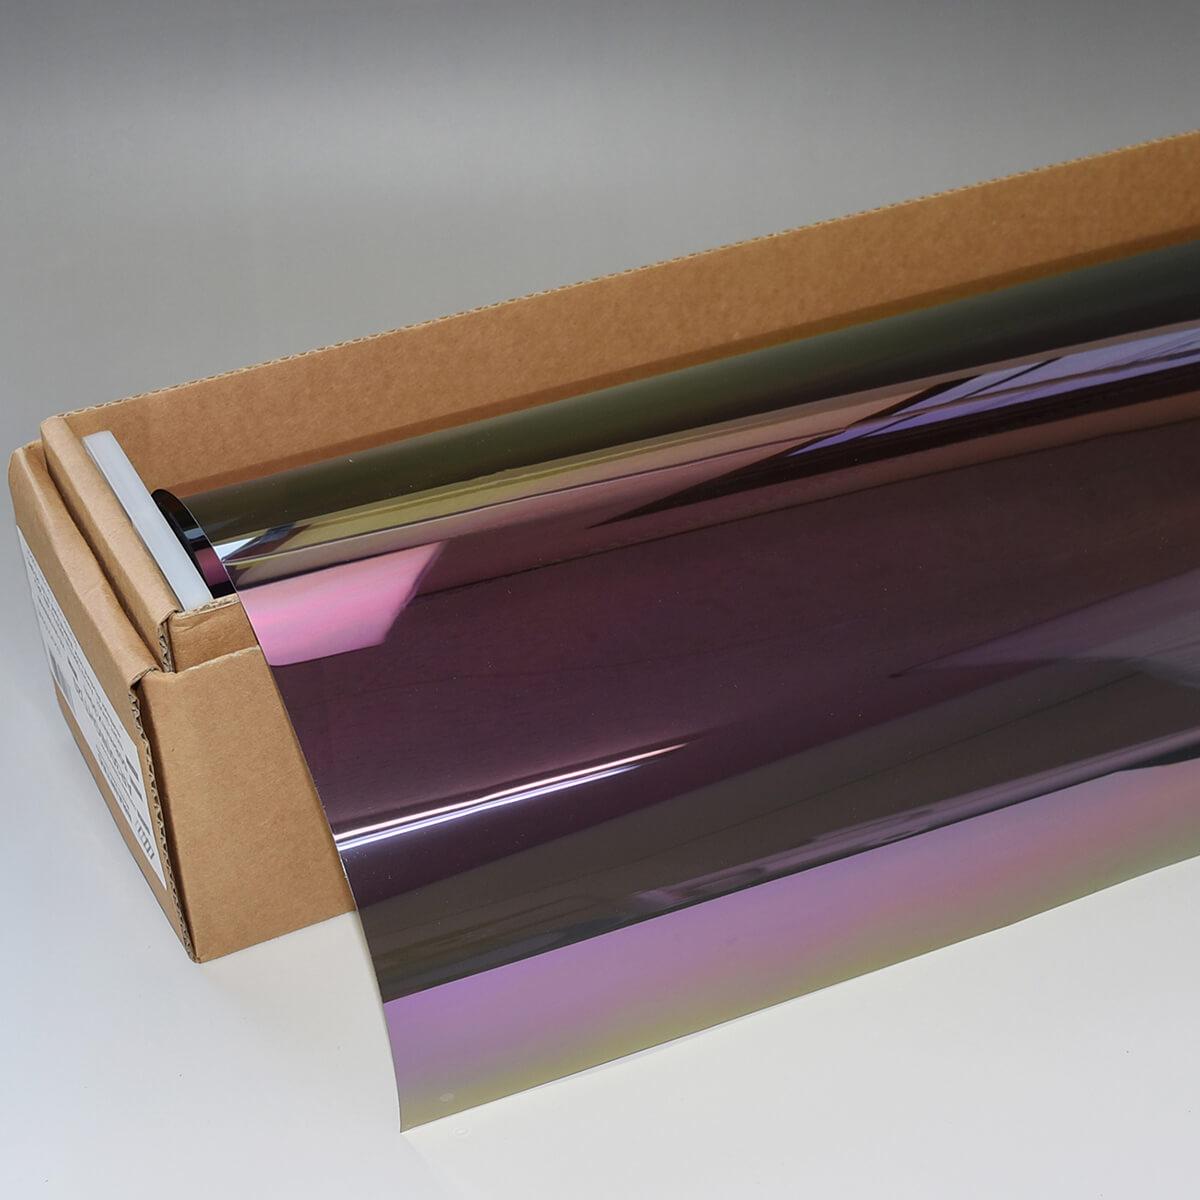 カーフィルム箱売 NIGHT GHOST(ナイトゴースト) オーロラスモーク30 1m幅 x 長さ30mロール箱売 IR遮蔽 多層マルチレイヤー ストラクチュラルカラー オーロラスモークフィルム30